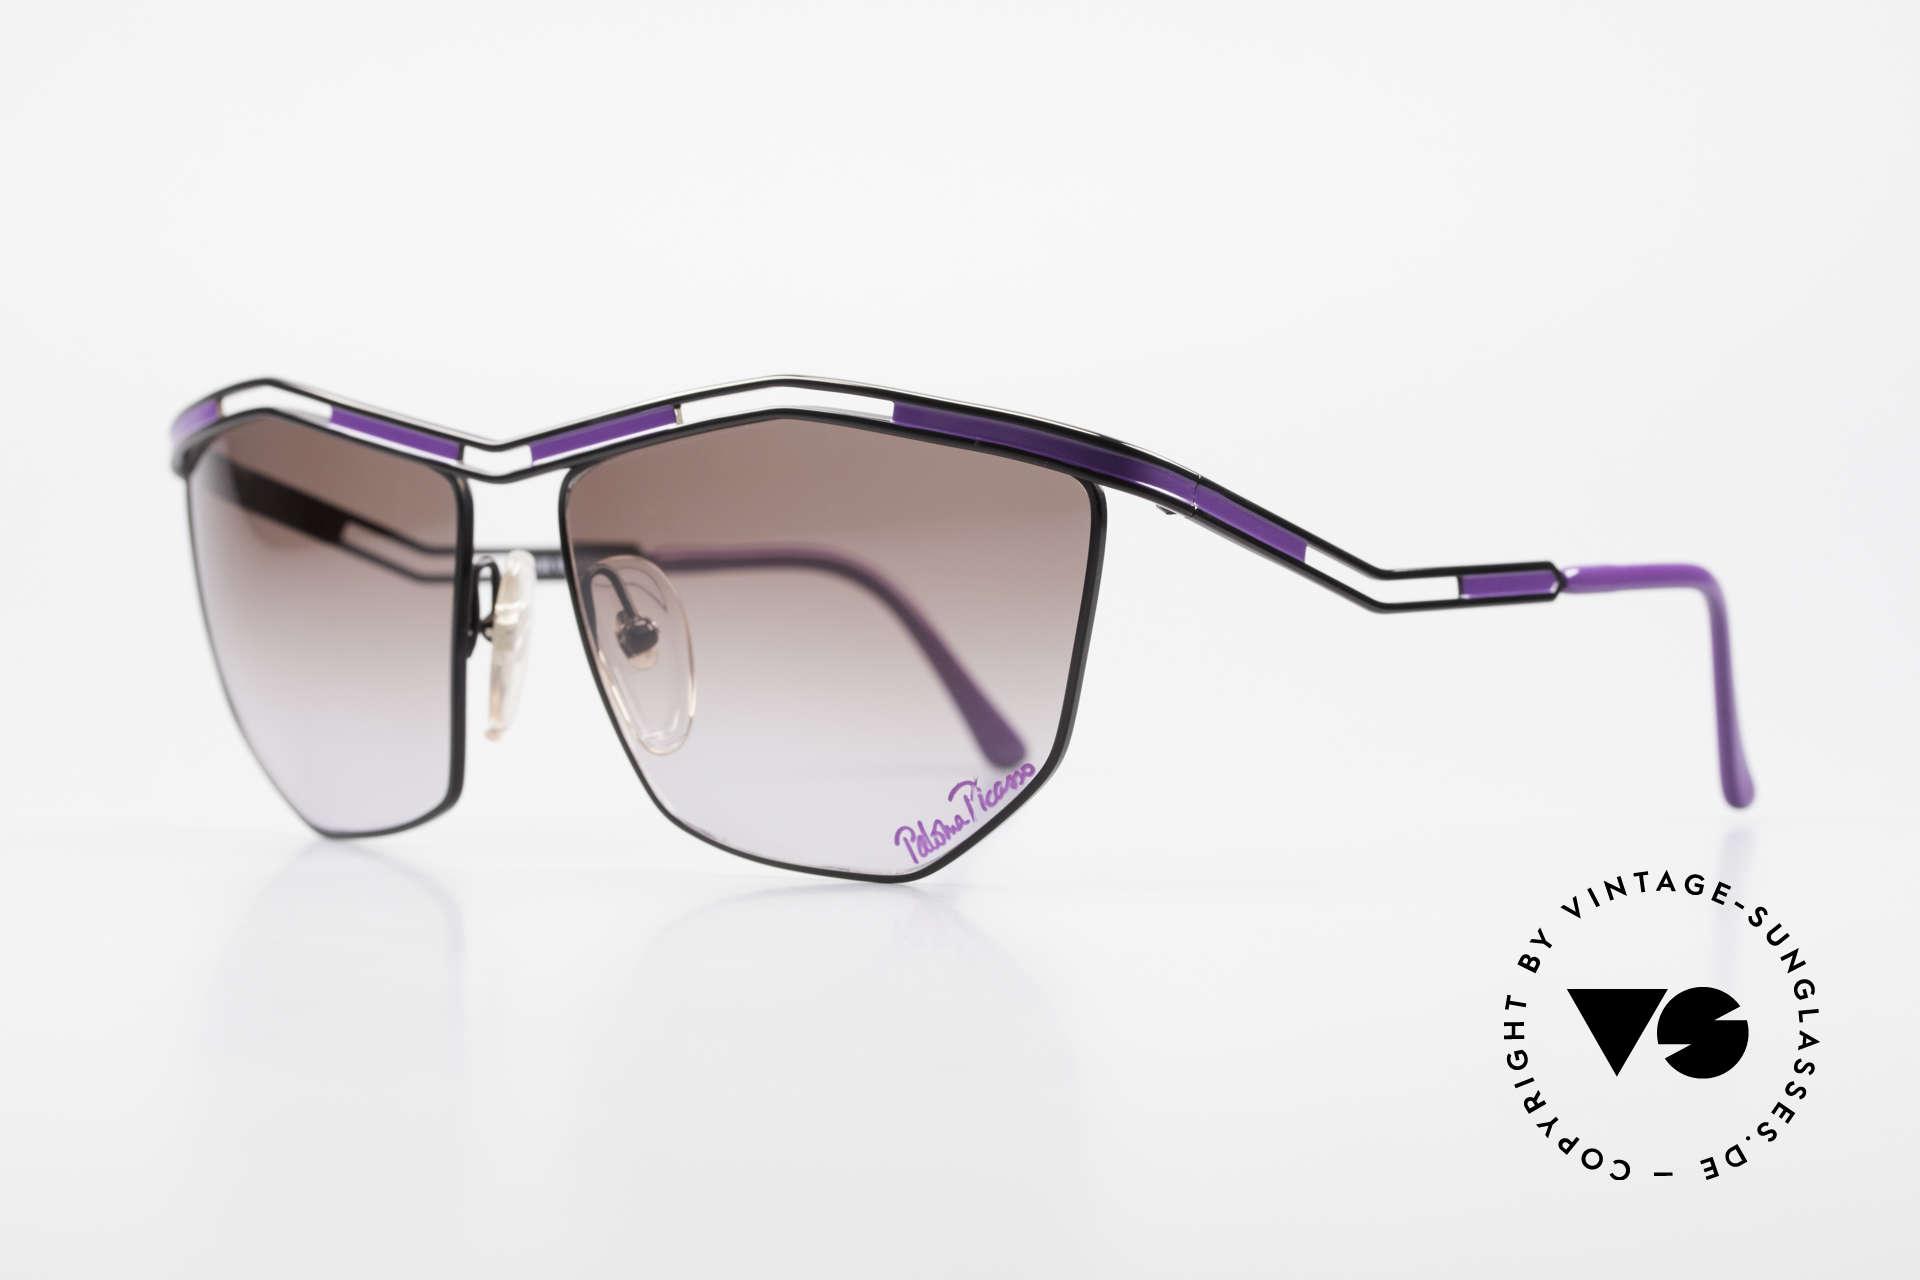 Paloma Picasso 1478 Rare 90er Damen Sonnenbrille, sie entwarf 1990 diese großartige Brillenkollektion, Passend für Damen